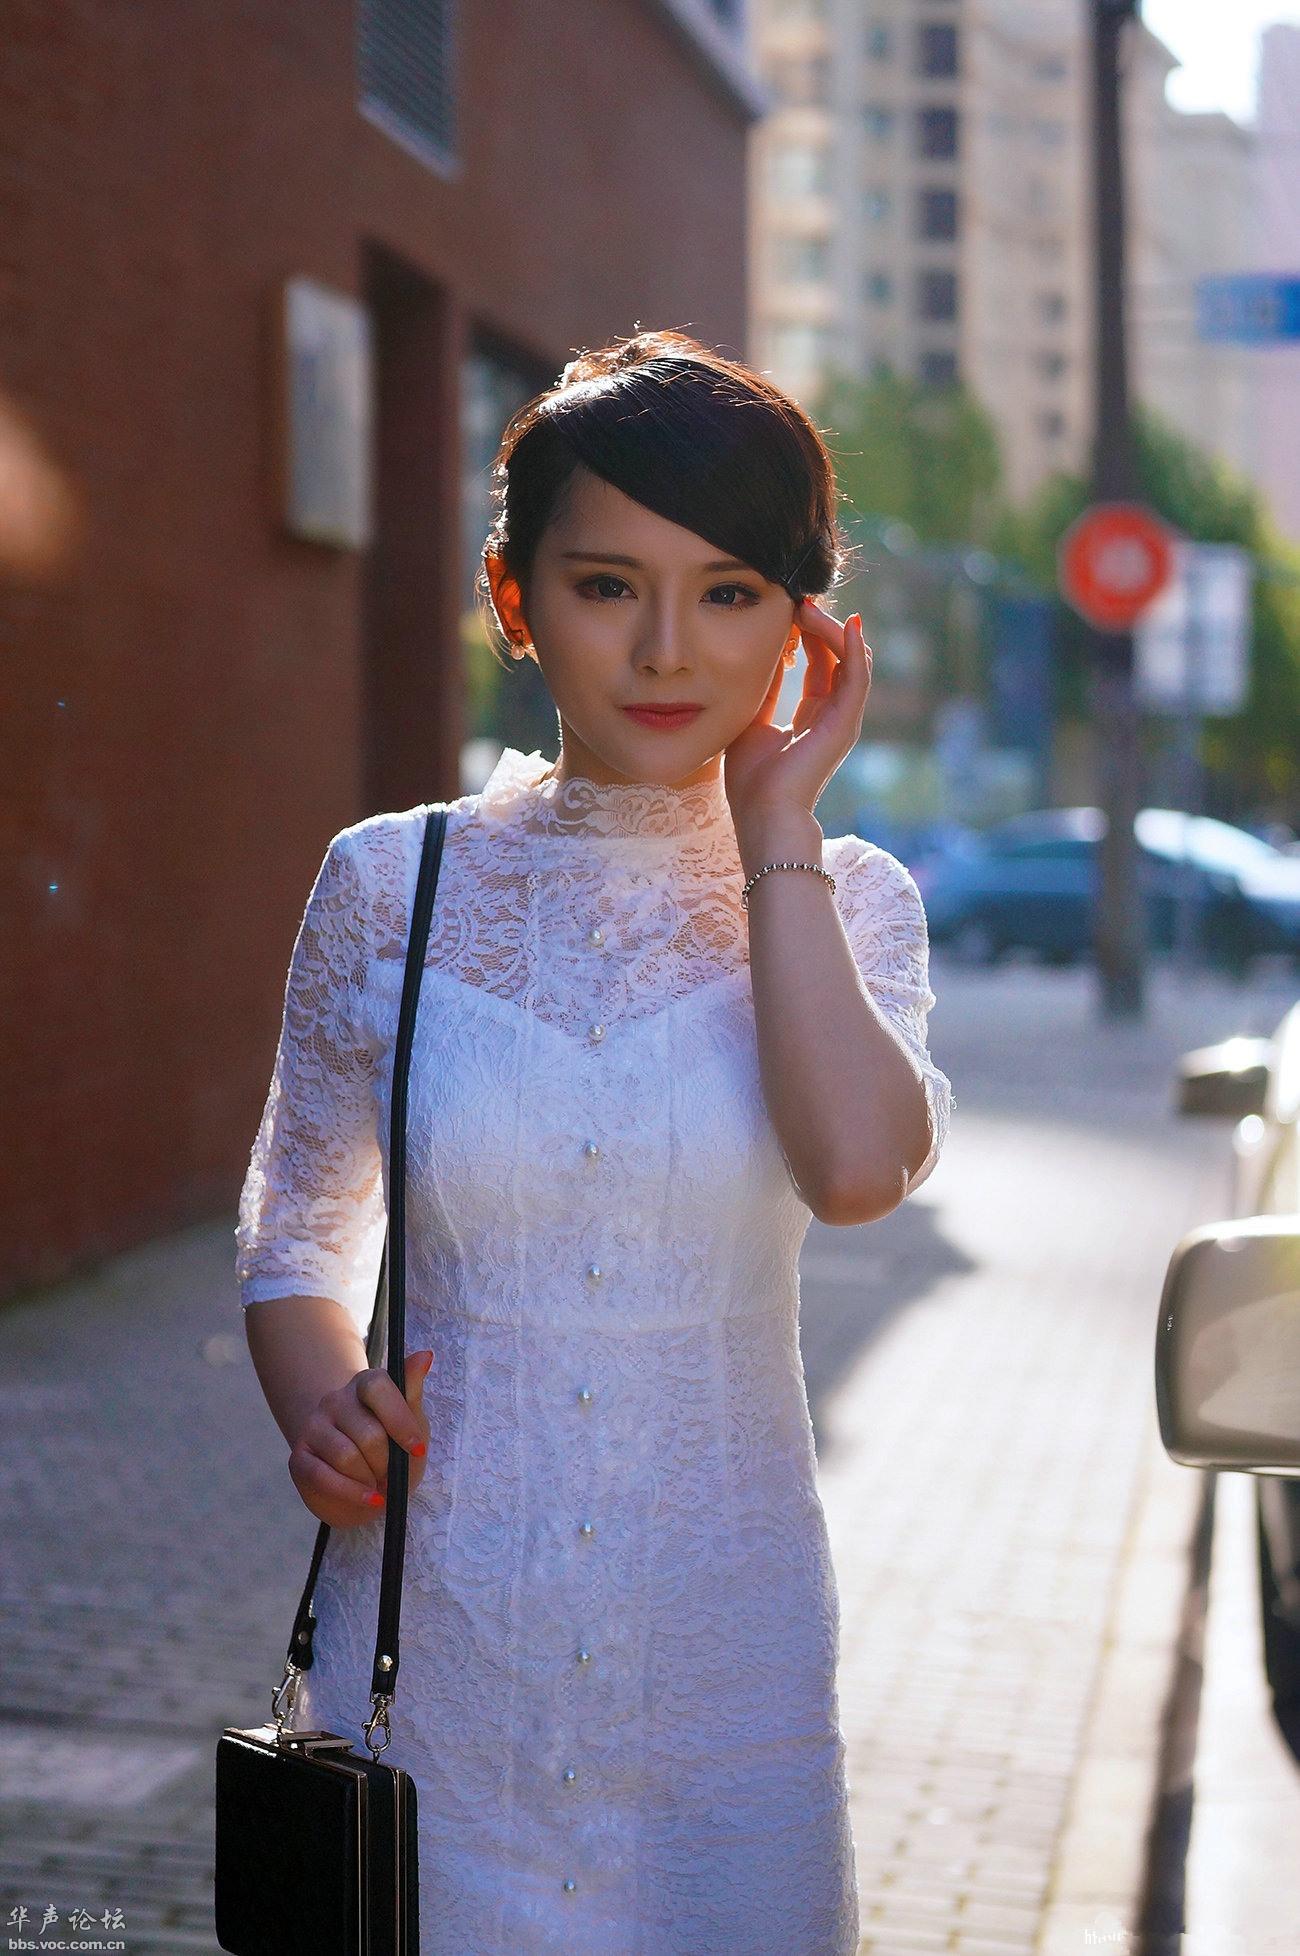 白色蕾丝  短裙高跟 - 花開有聲 - 花開有聲